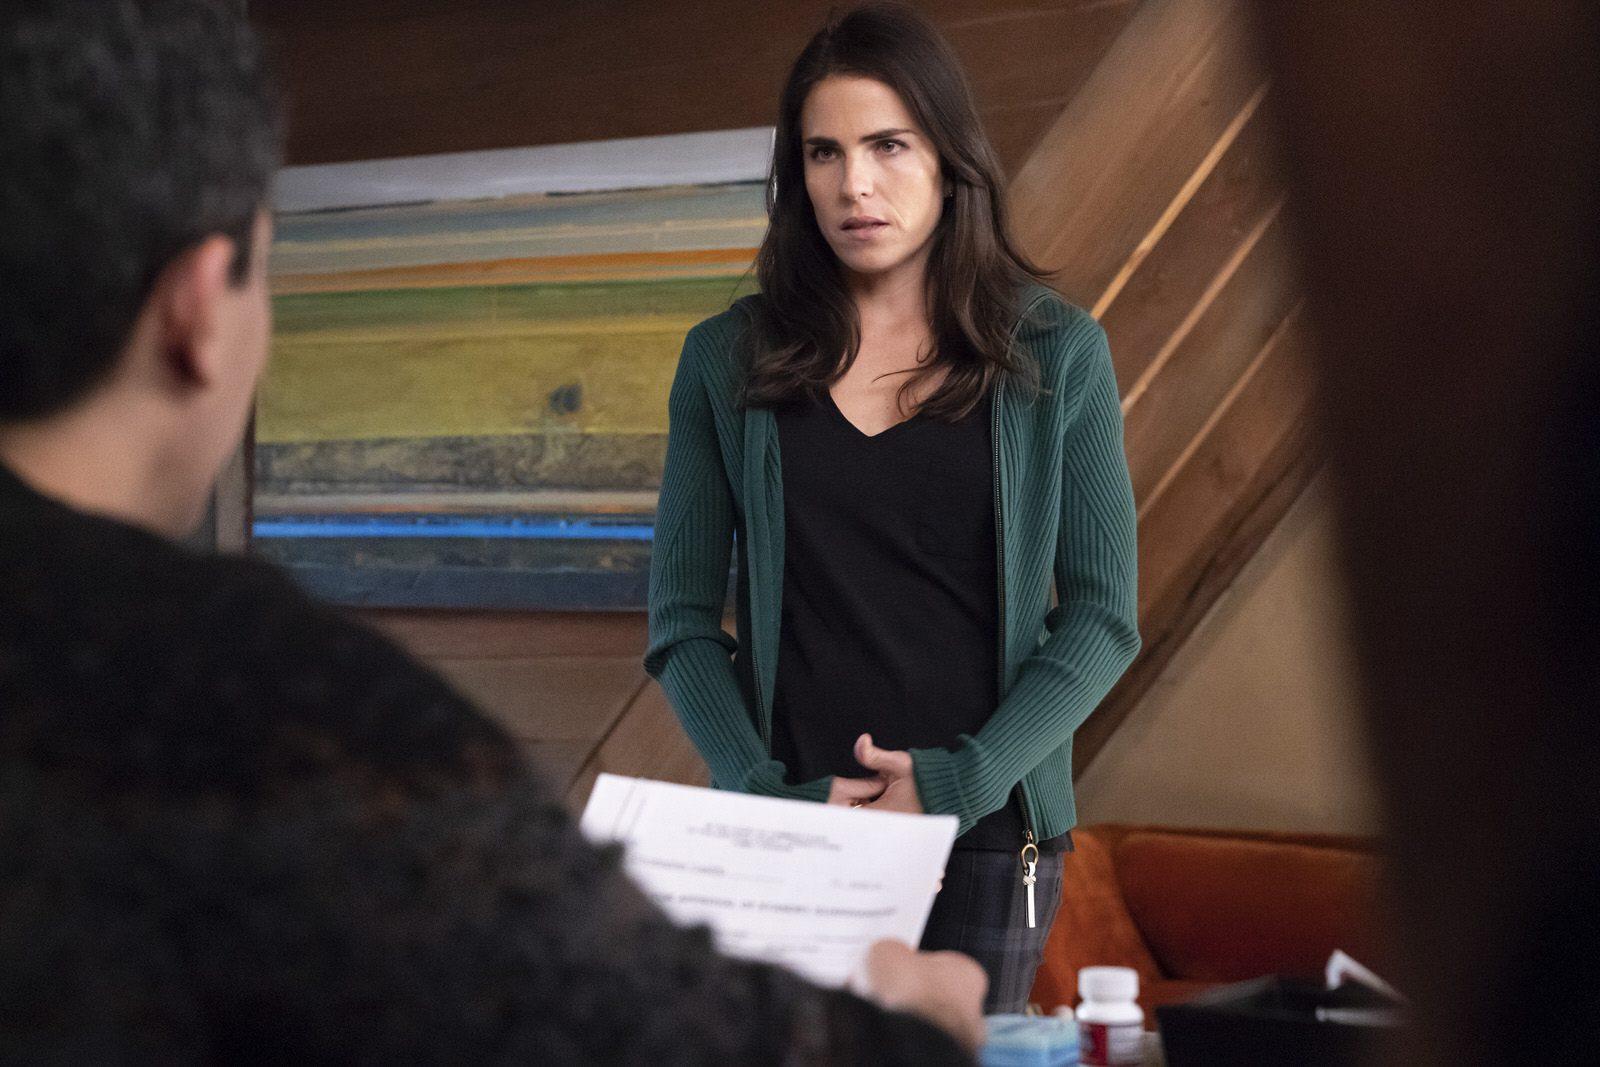 Karla Souza como Laurel Castillo en HTGAWM 5×15 (Final de Temporada)